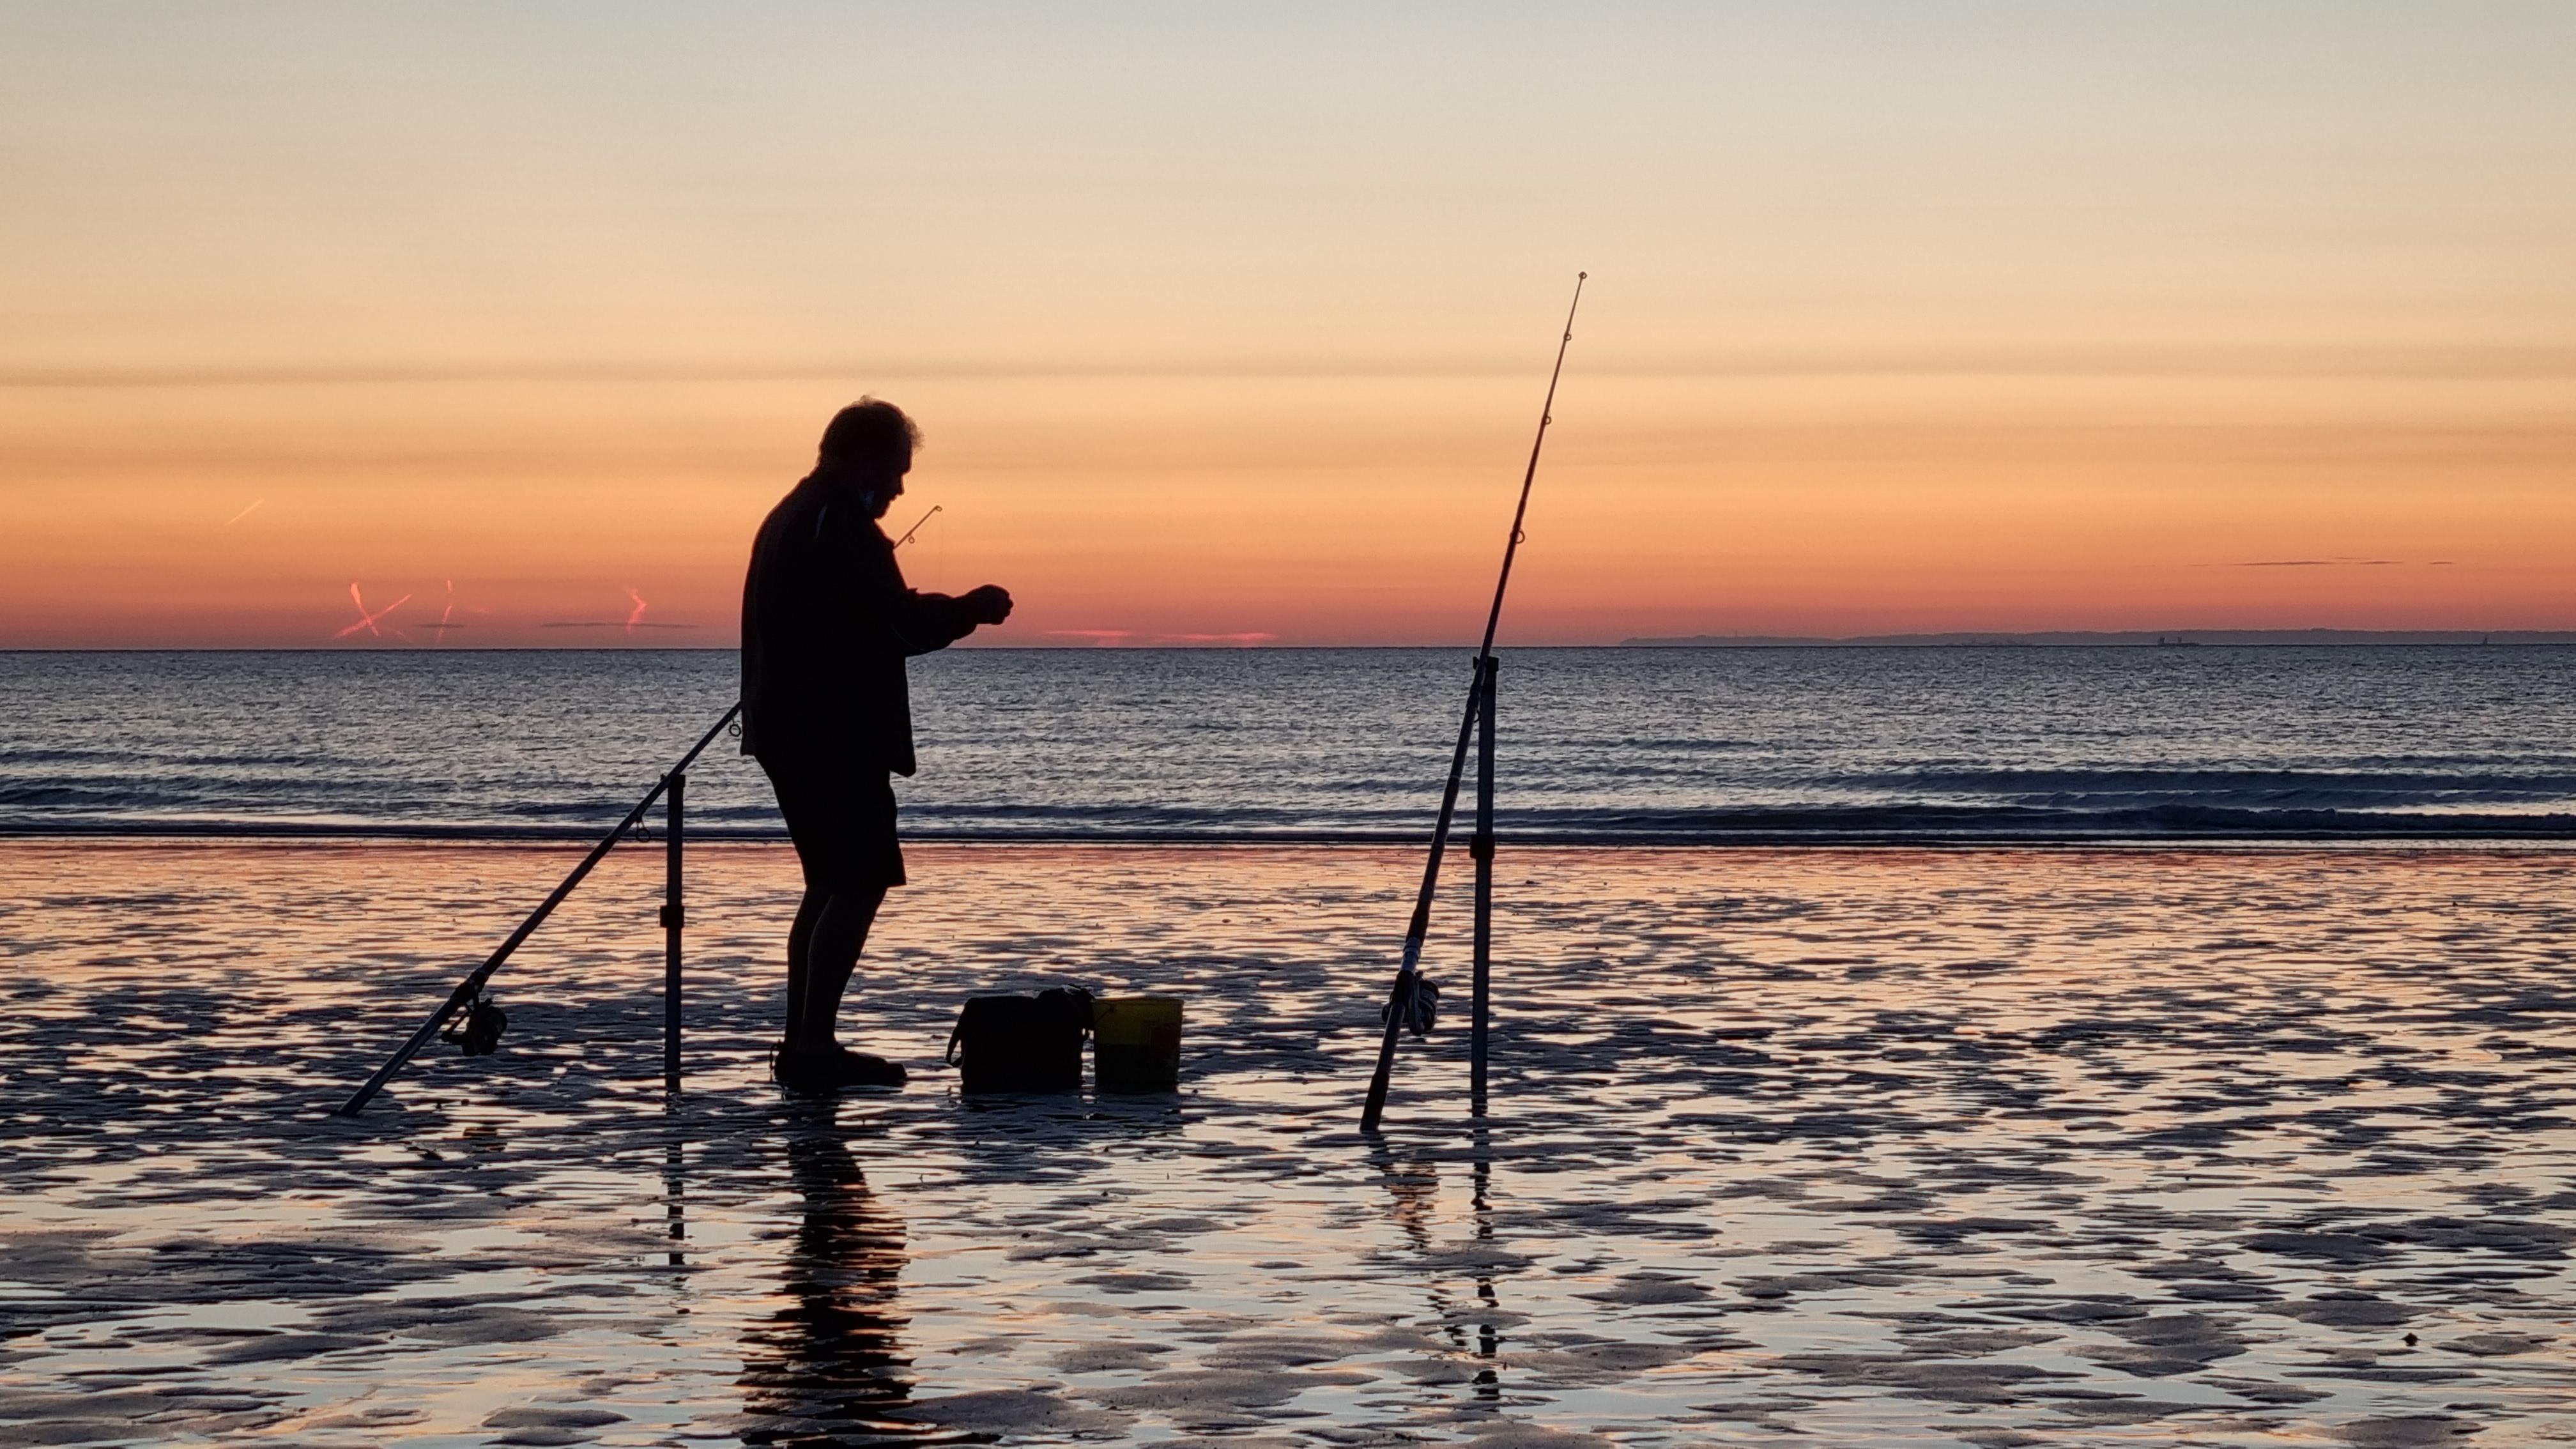 Pêcheur au soleil couchant